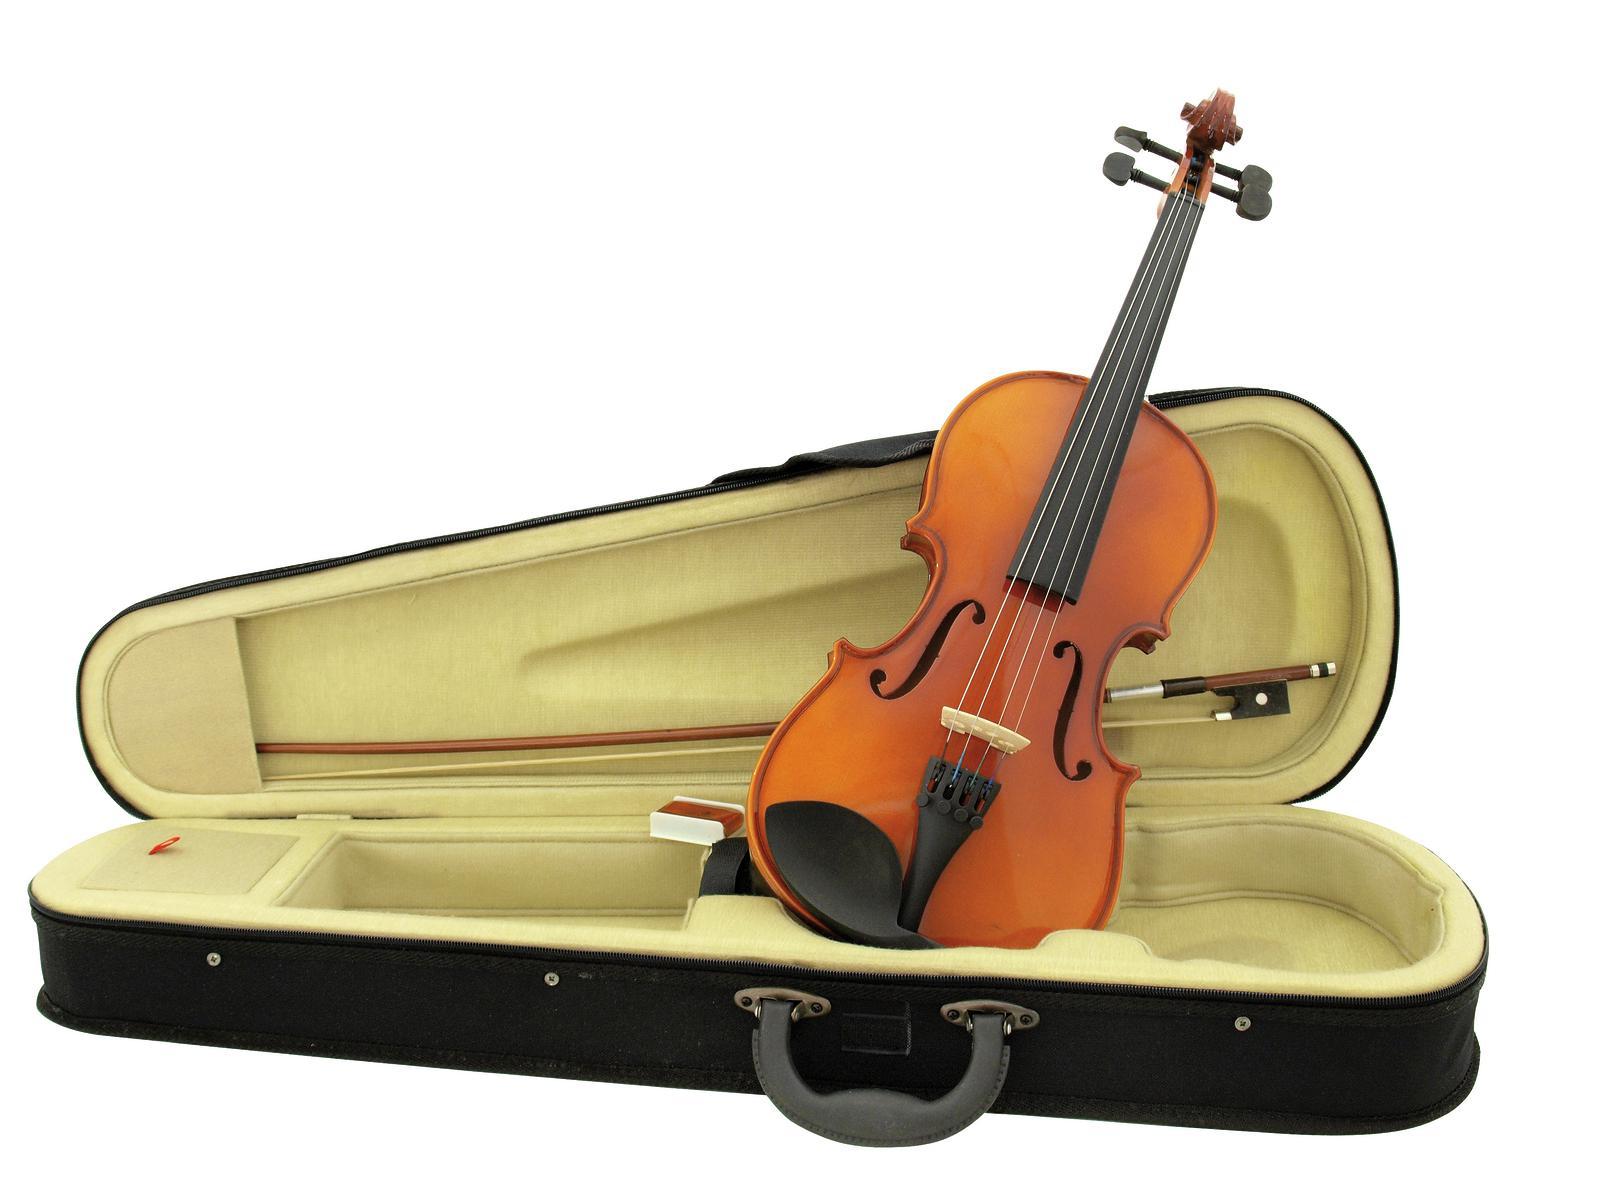 Violino taglia 3/4, legno naturale, corpo imp. acero, con custodia, DIMAVERY